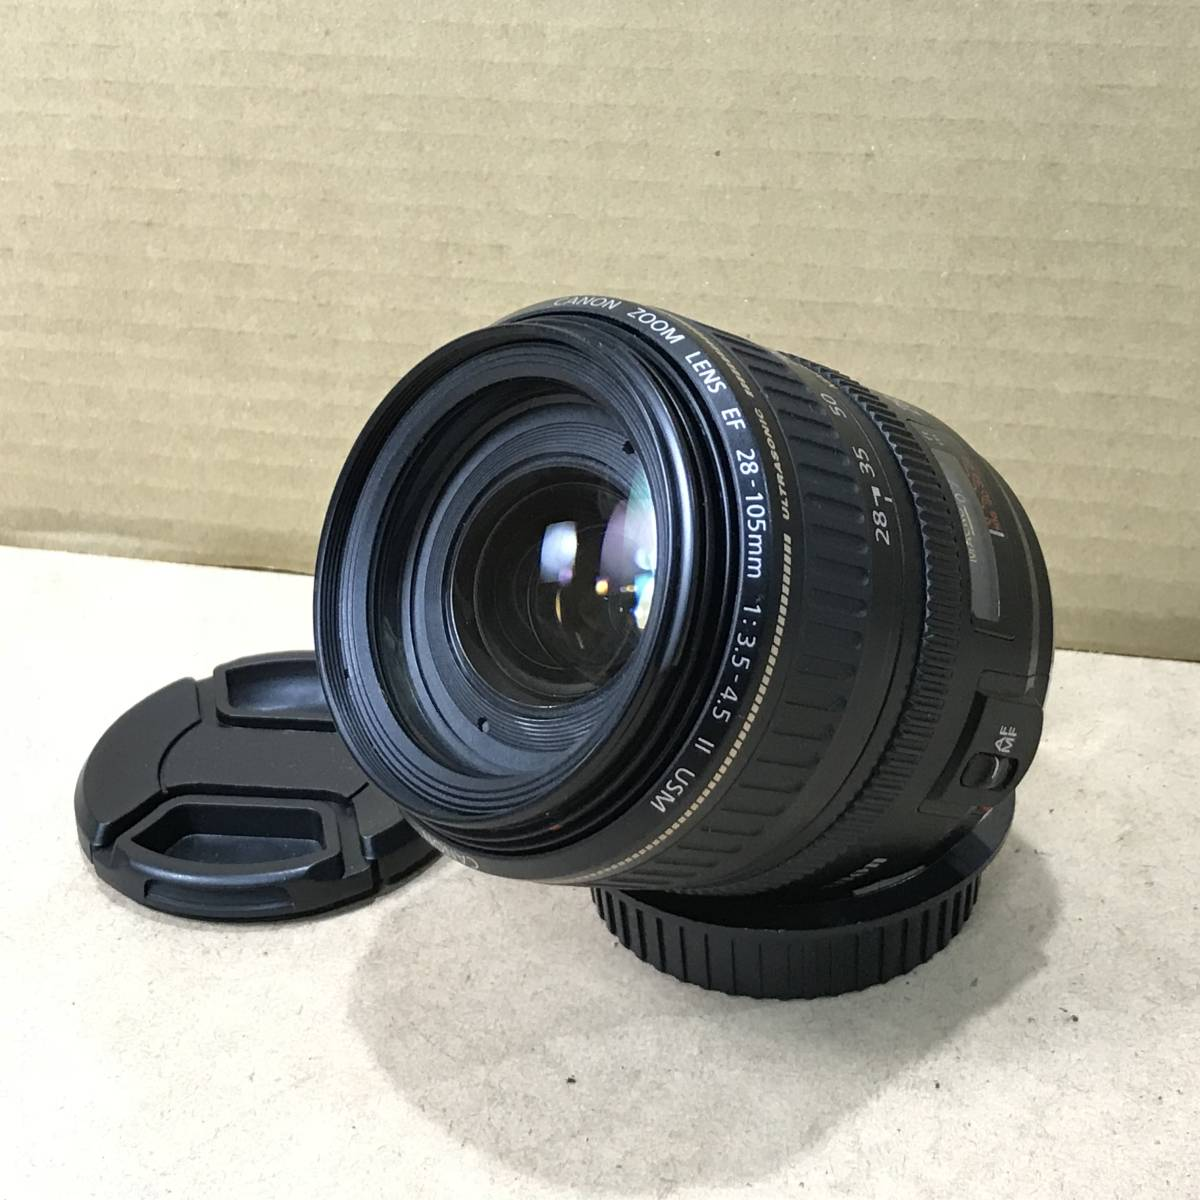 キャノン Canon EF 28-105mm 1: 3.5-4.5 II USM AF レンズ 一眼レフ カメラ 用 SLR Camera Film & Digital